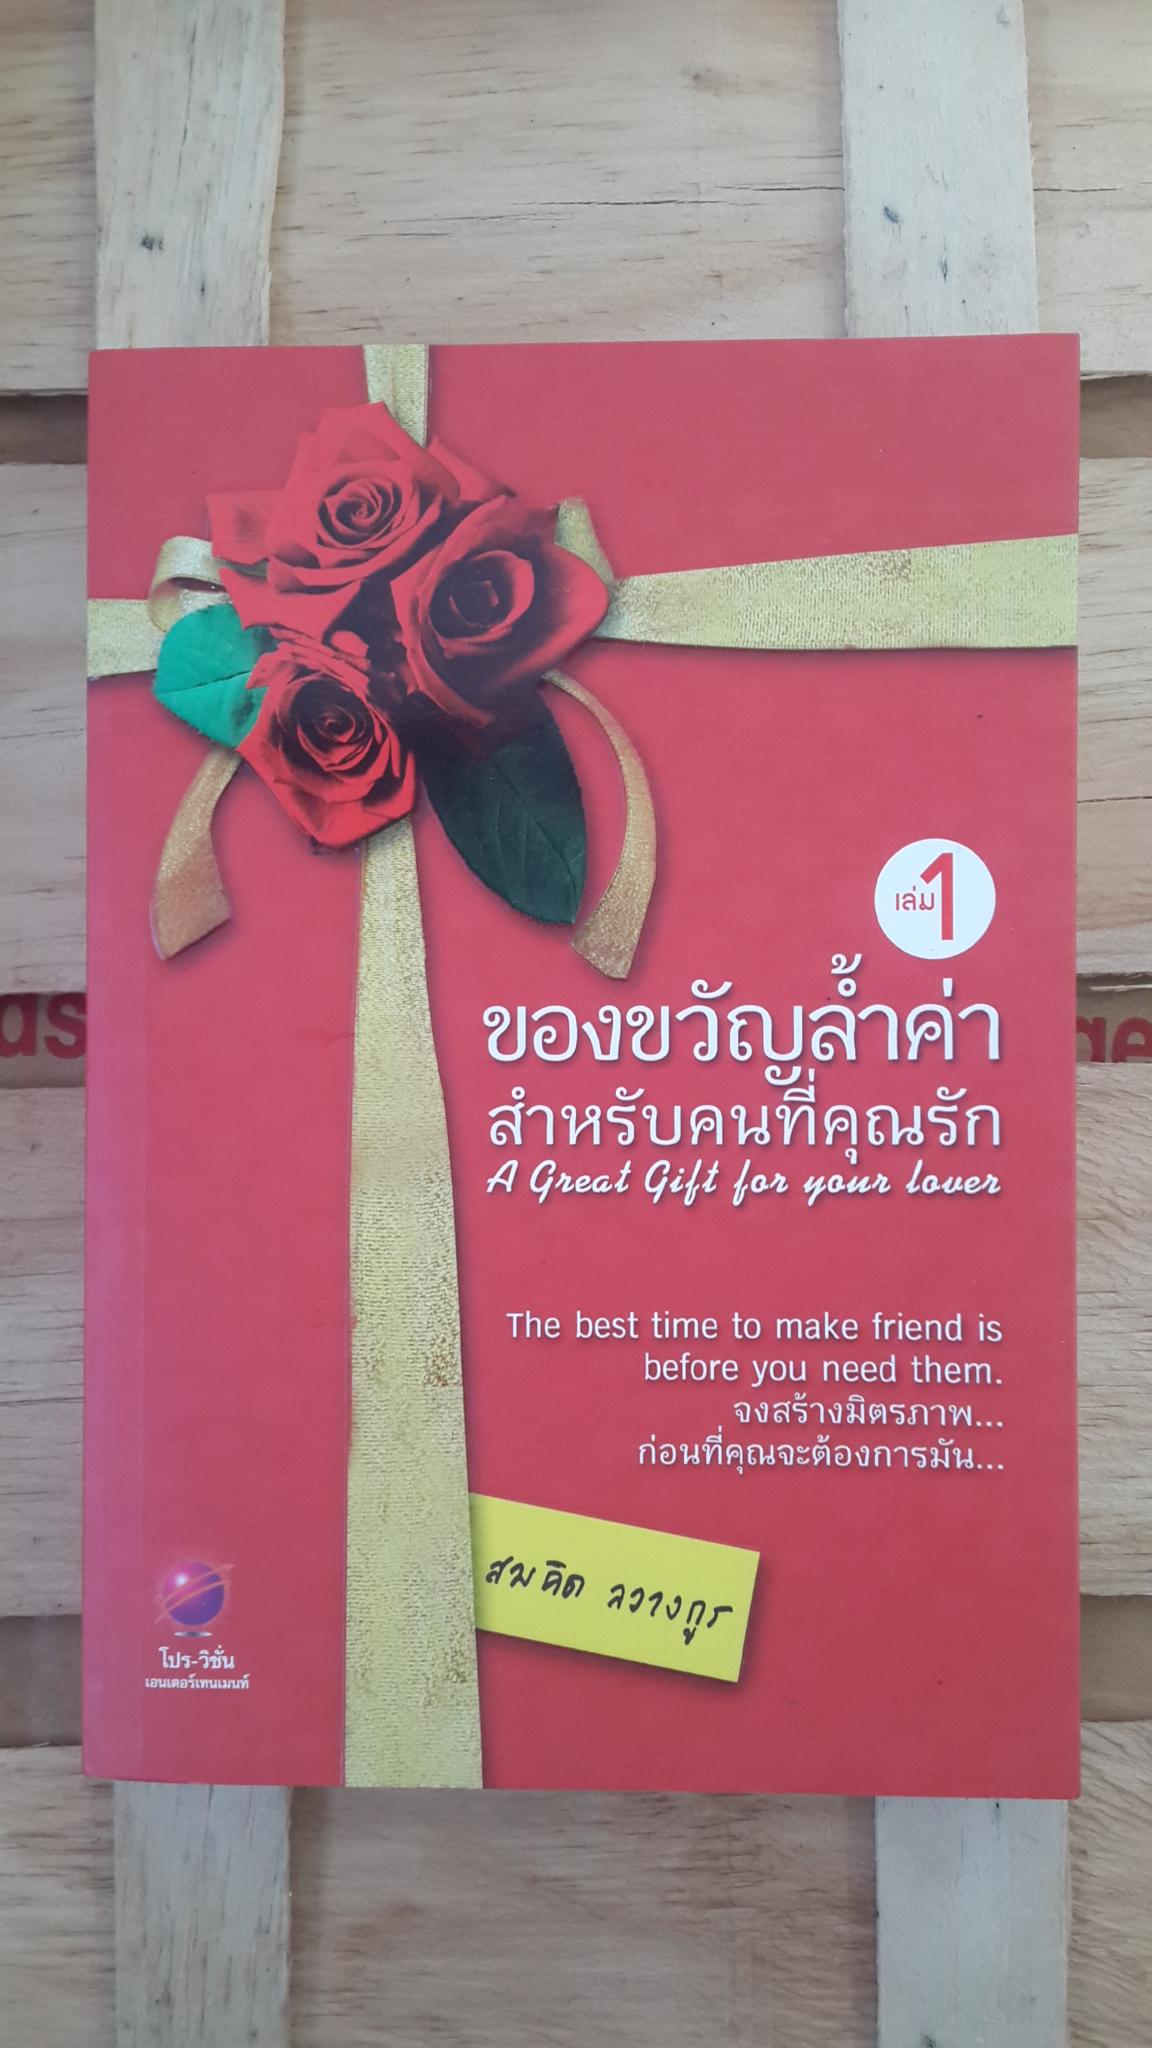 ของขวัญลำ้ค่า สำหรับคนที่คุณรัก เล่ม 1 / สมคิด ลวางกูร